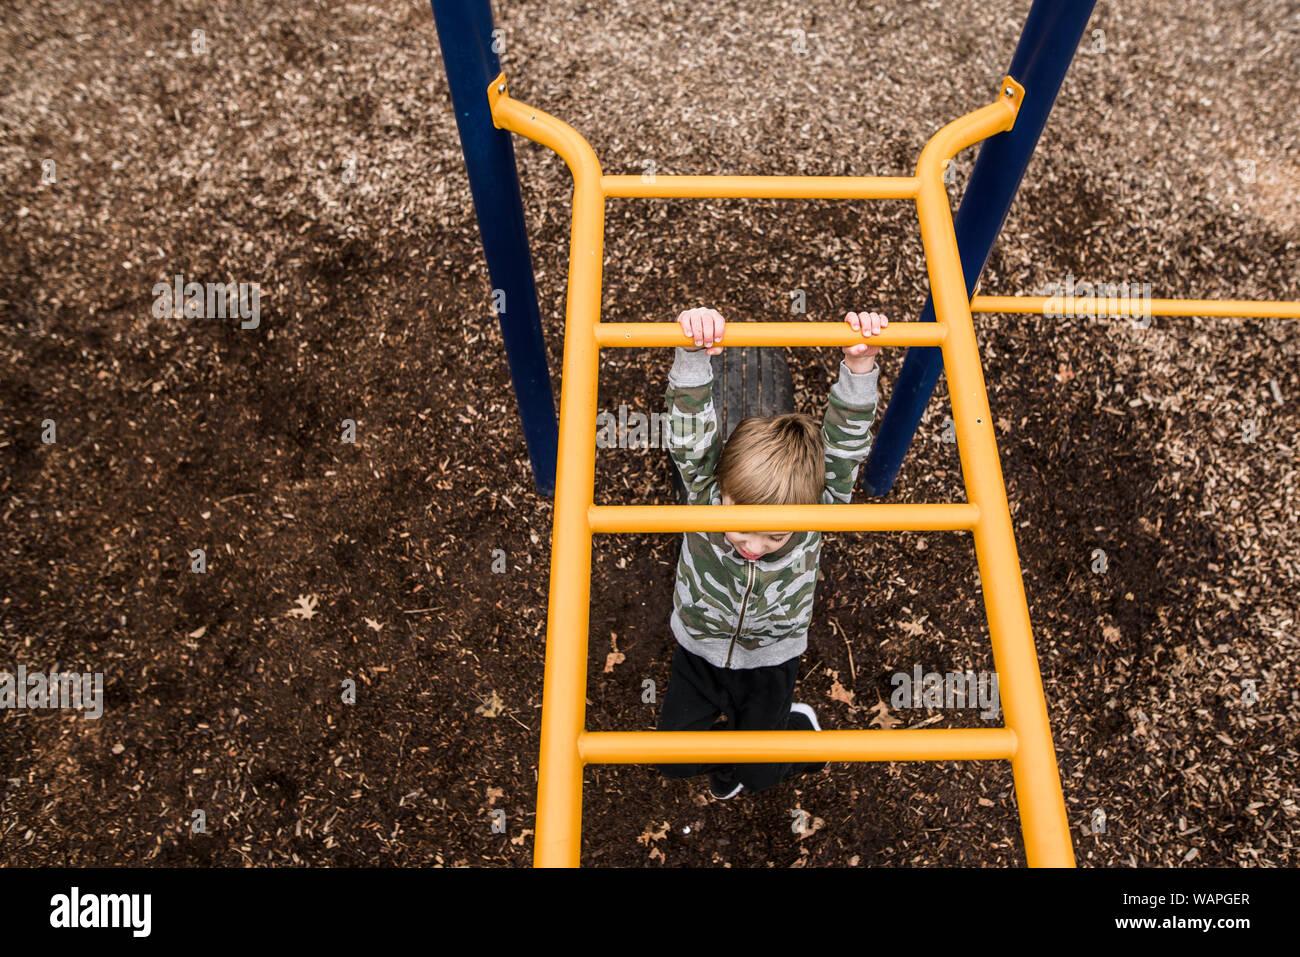 Mirando de arriba abajo al joven cruzando monkey bares en park Foto de stock